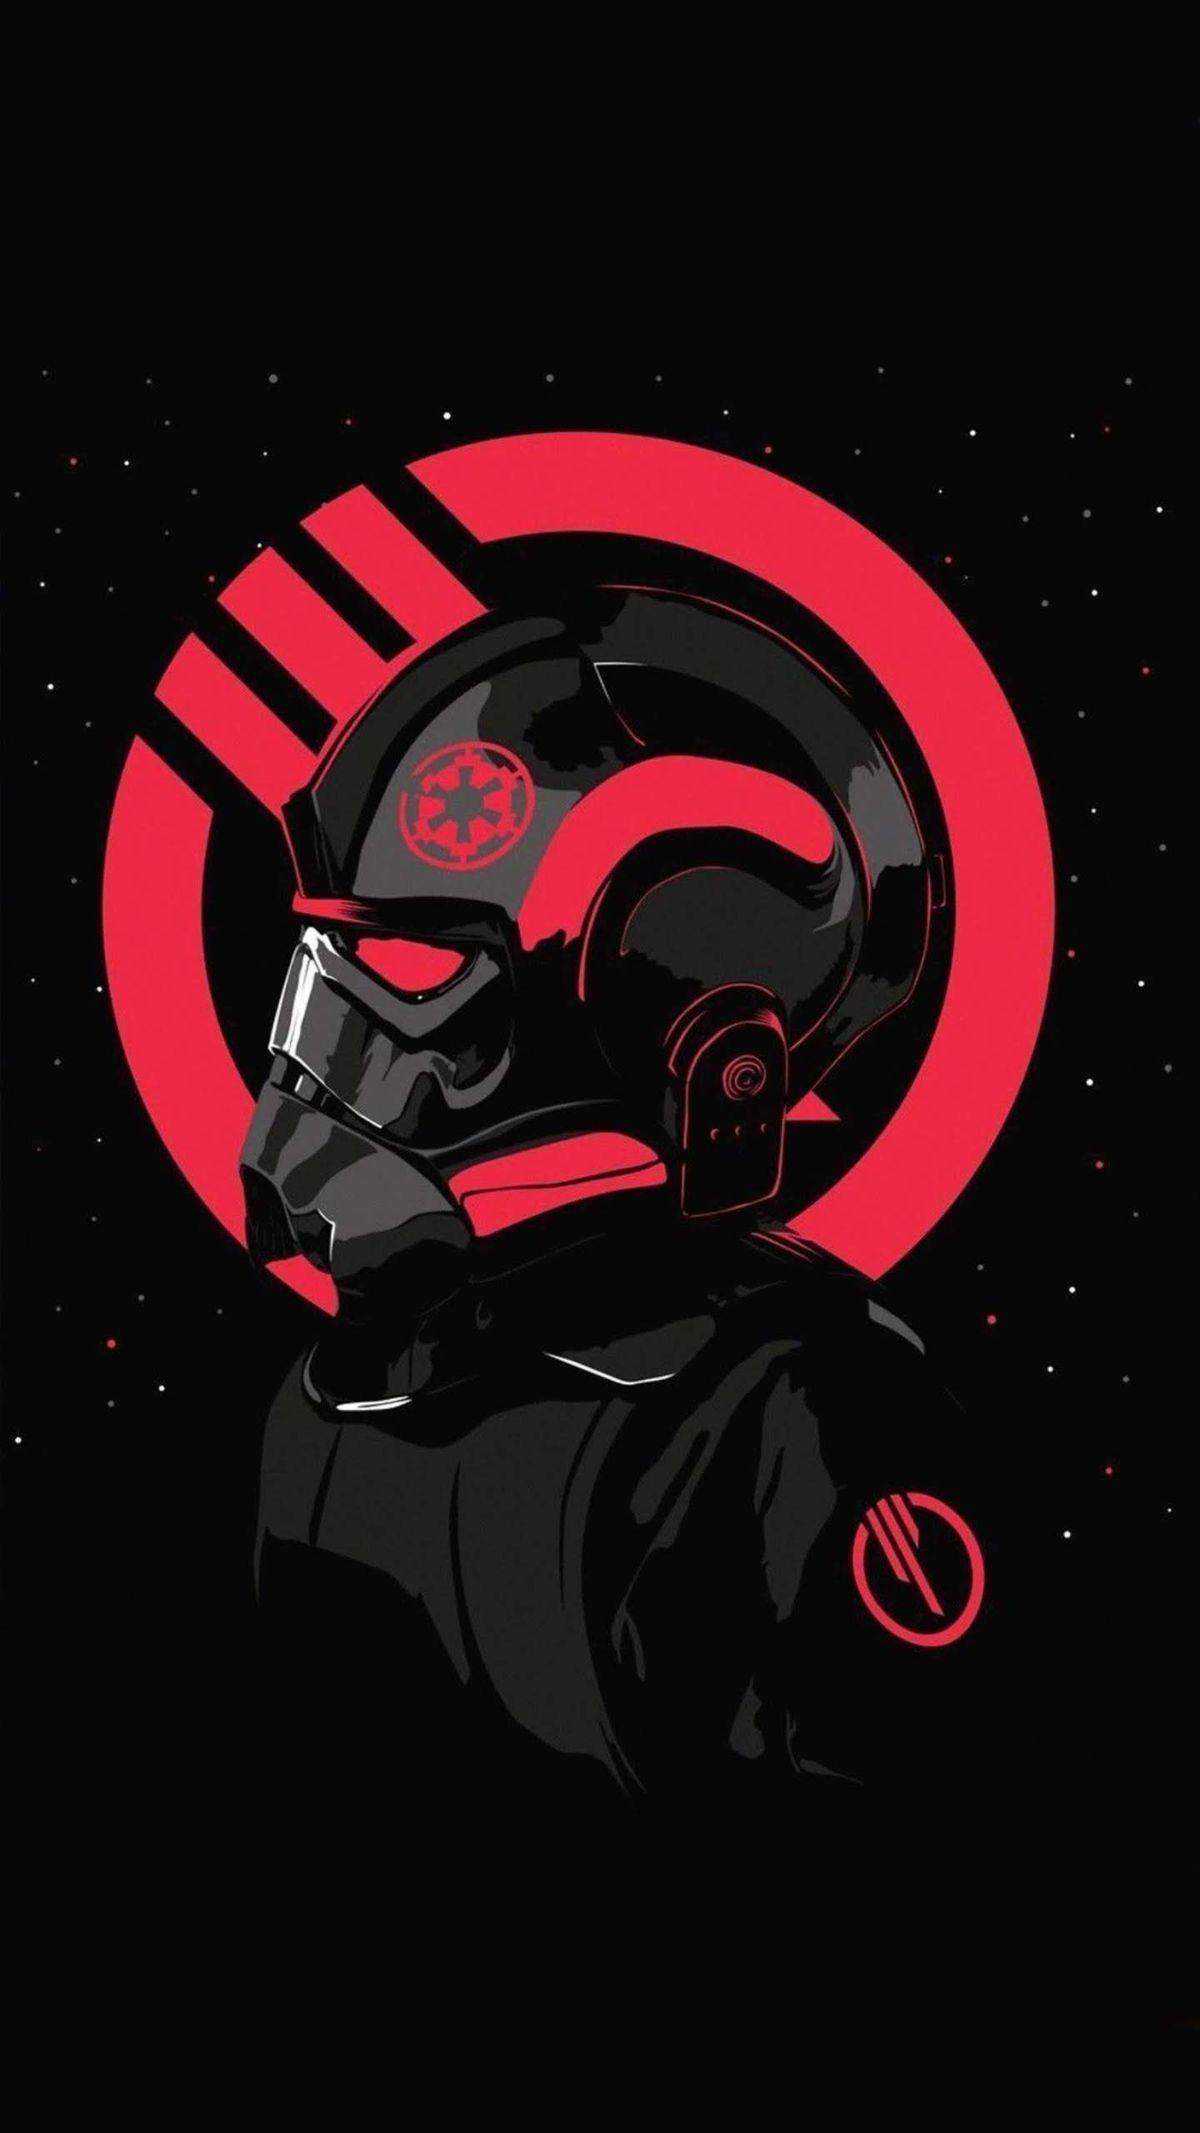 Pin by Emmanuel on iphone xr wallpaper in 2020 Star wars